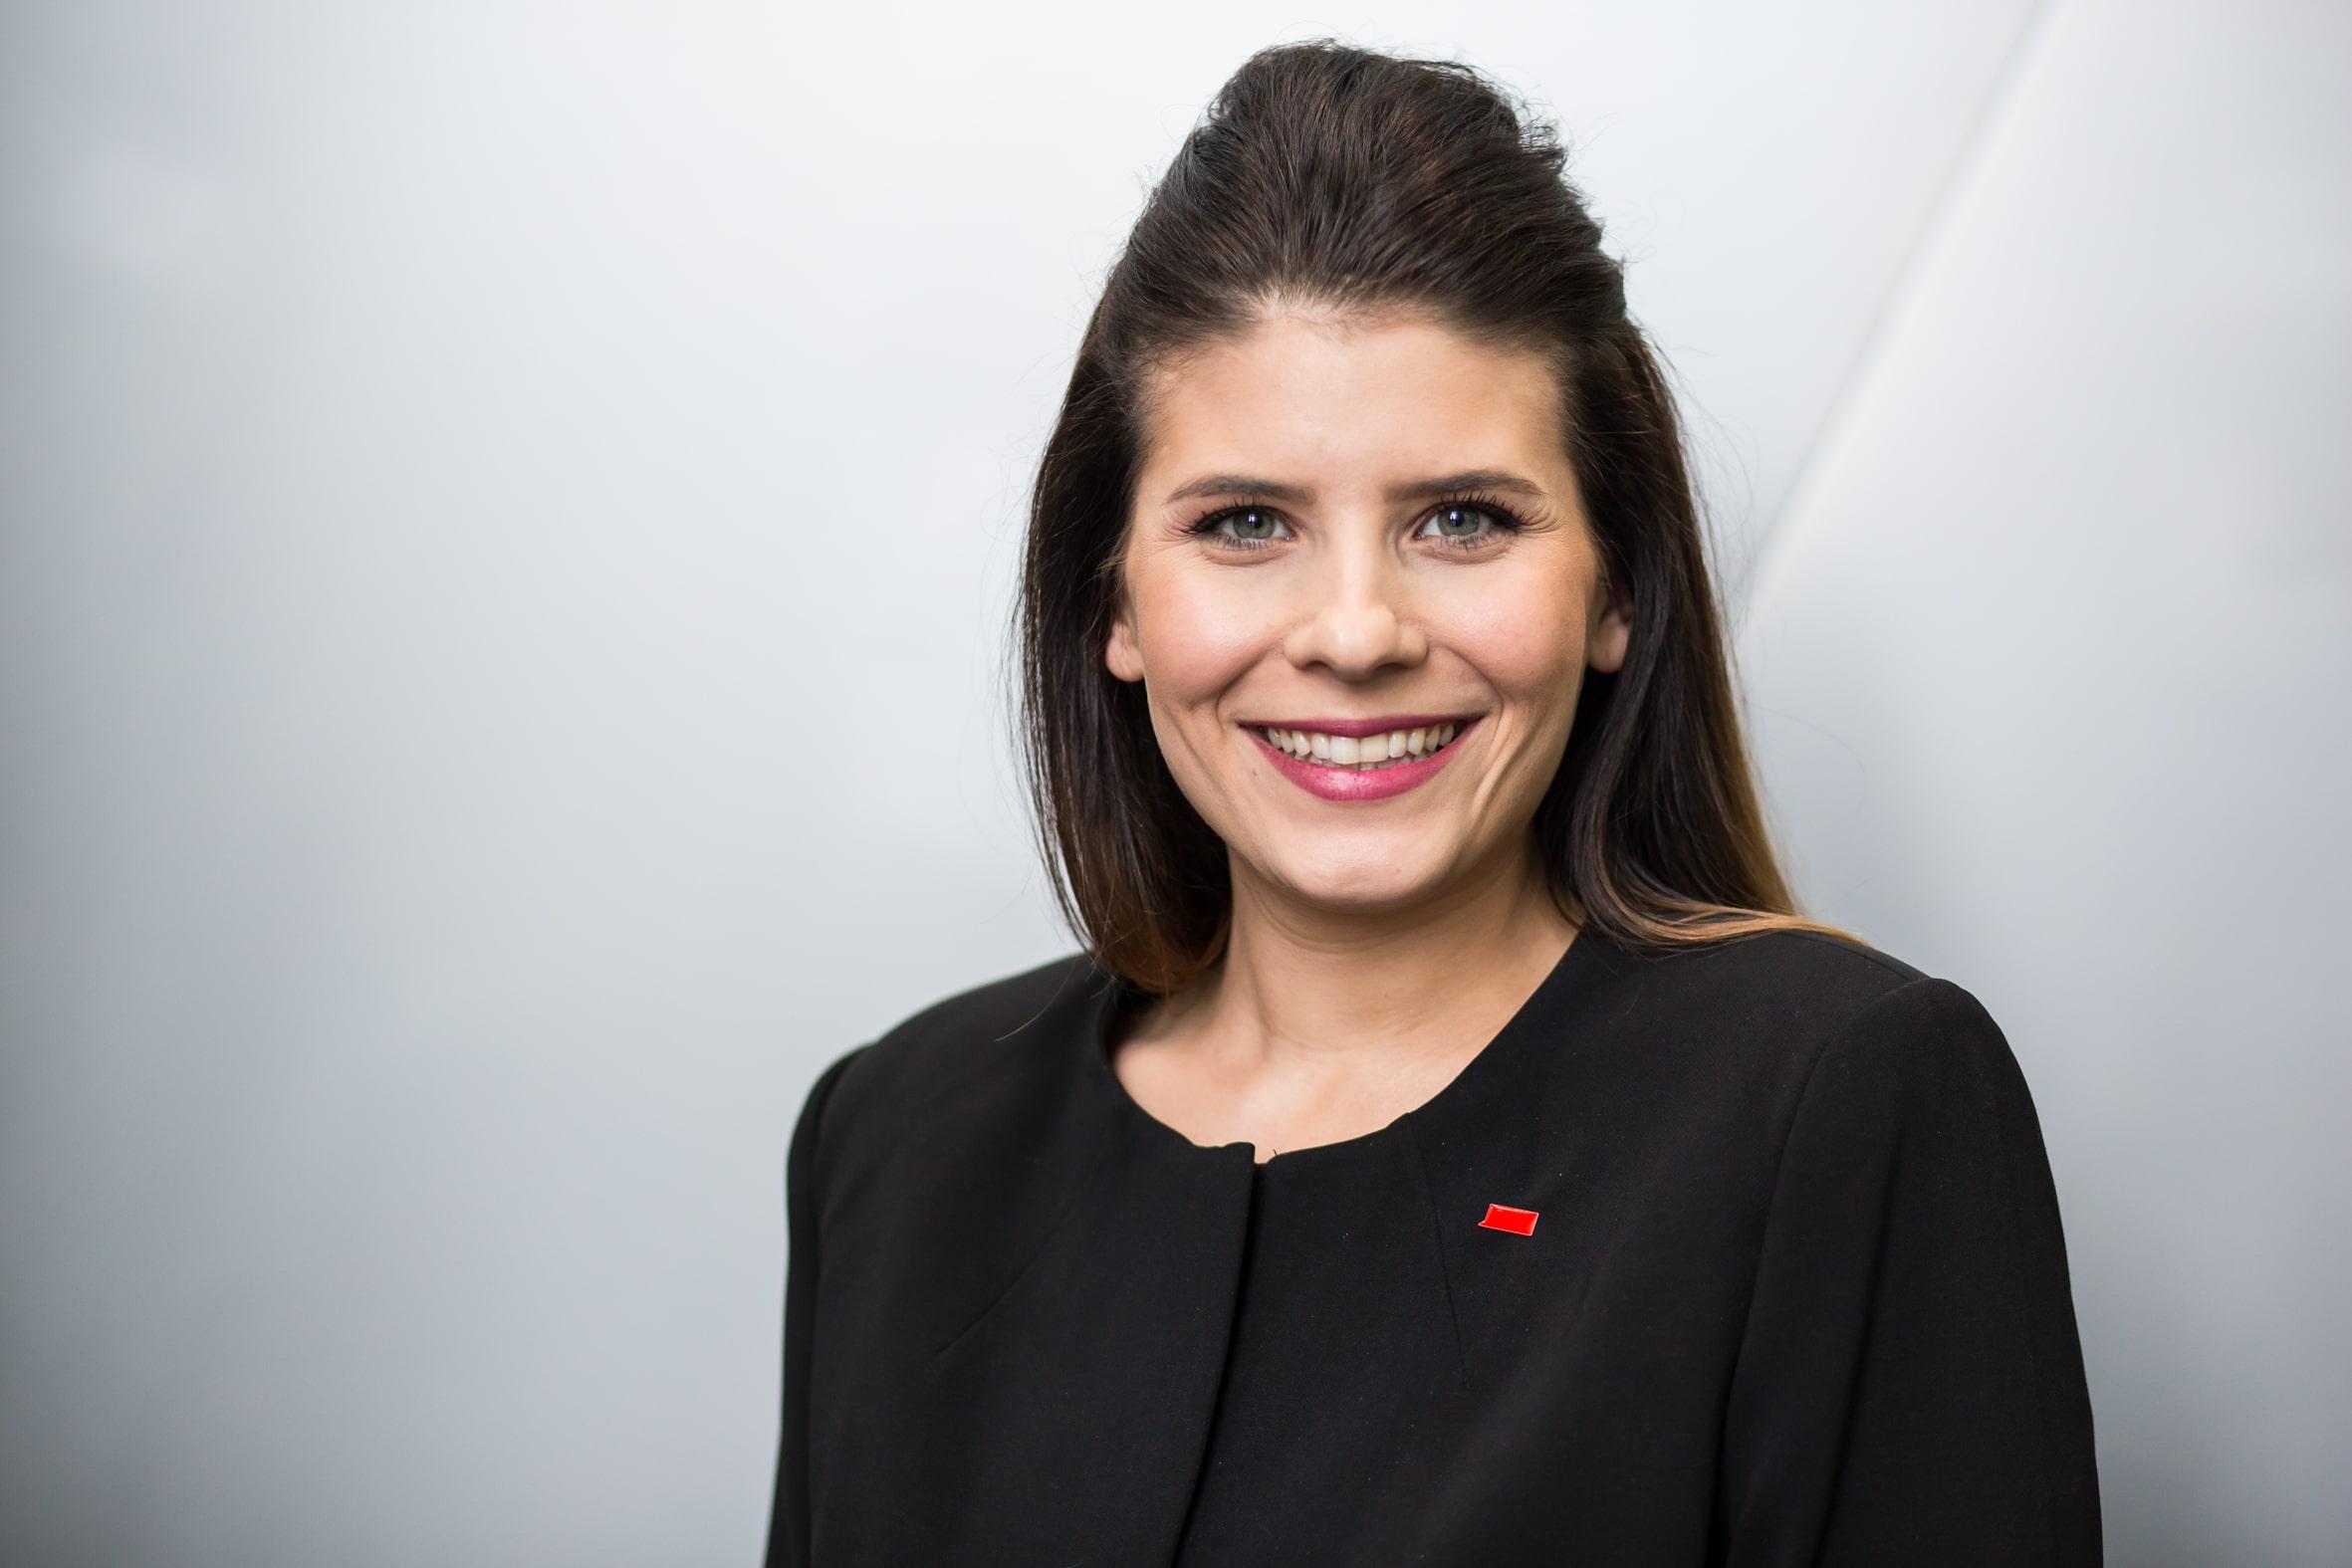 Photo of Sarna Röser folgt auf Hubertus Porschen